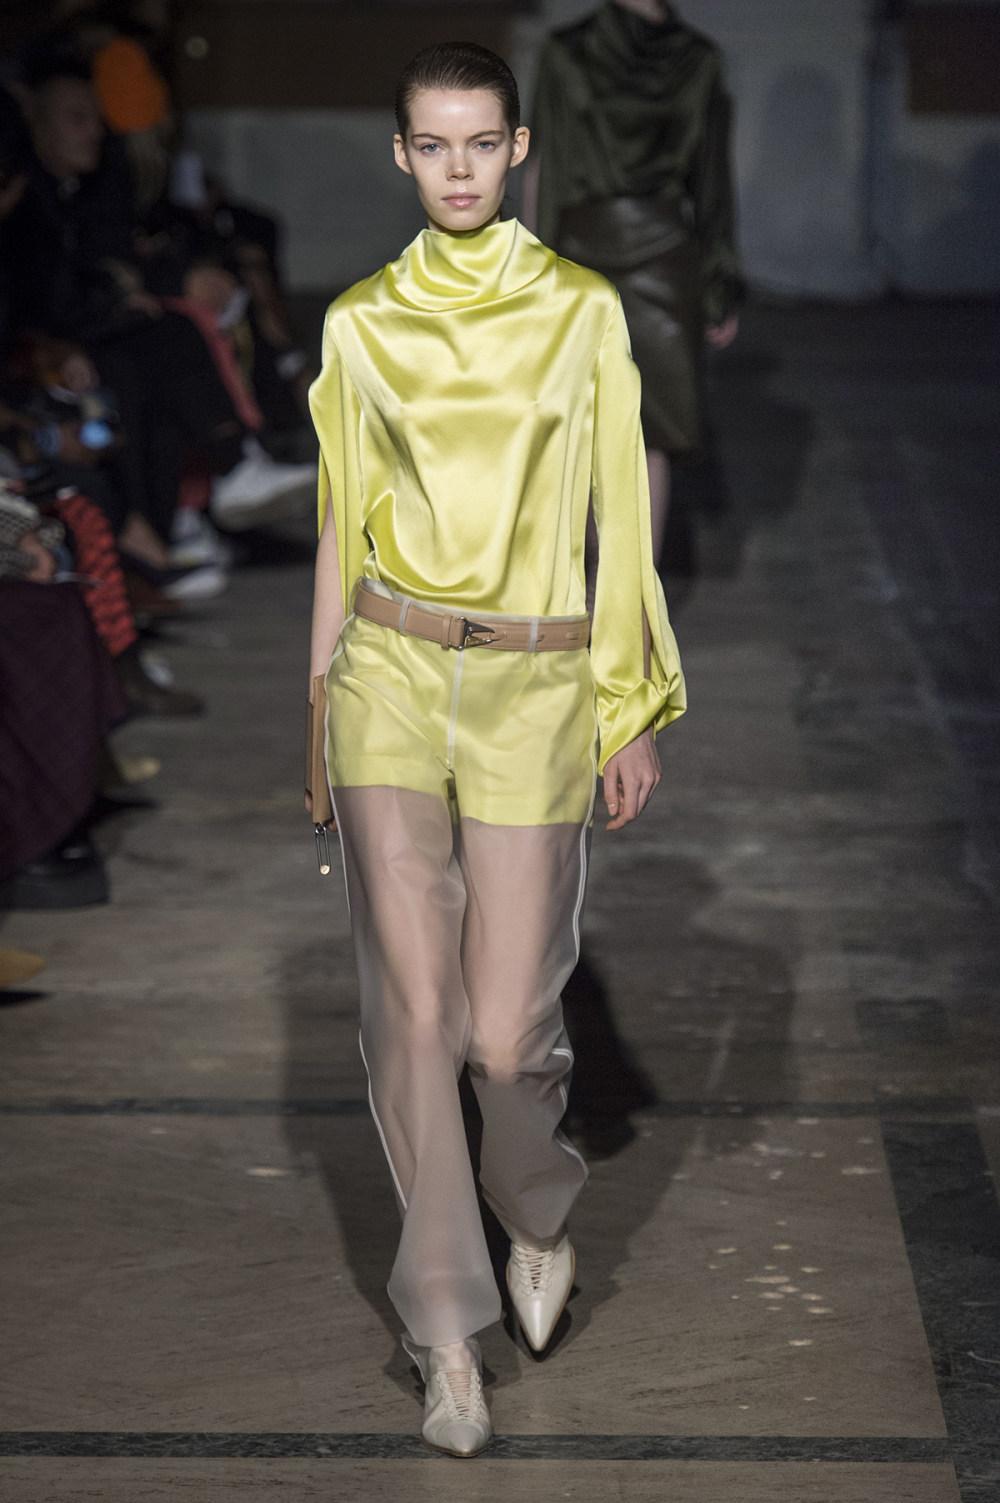 Dion Lee没有紧身衣的连衣裙被聚集或扭曲保持调色板的简约和奢华-23.jpg